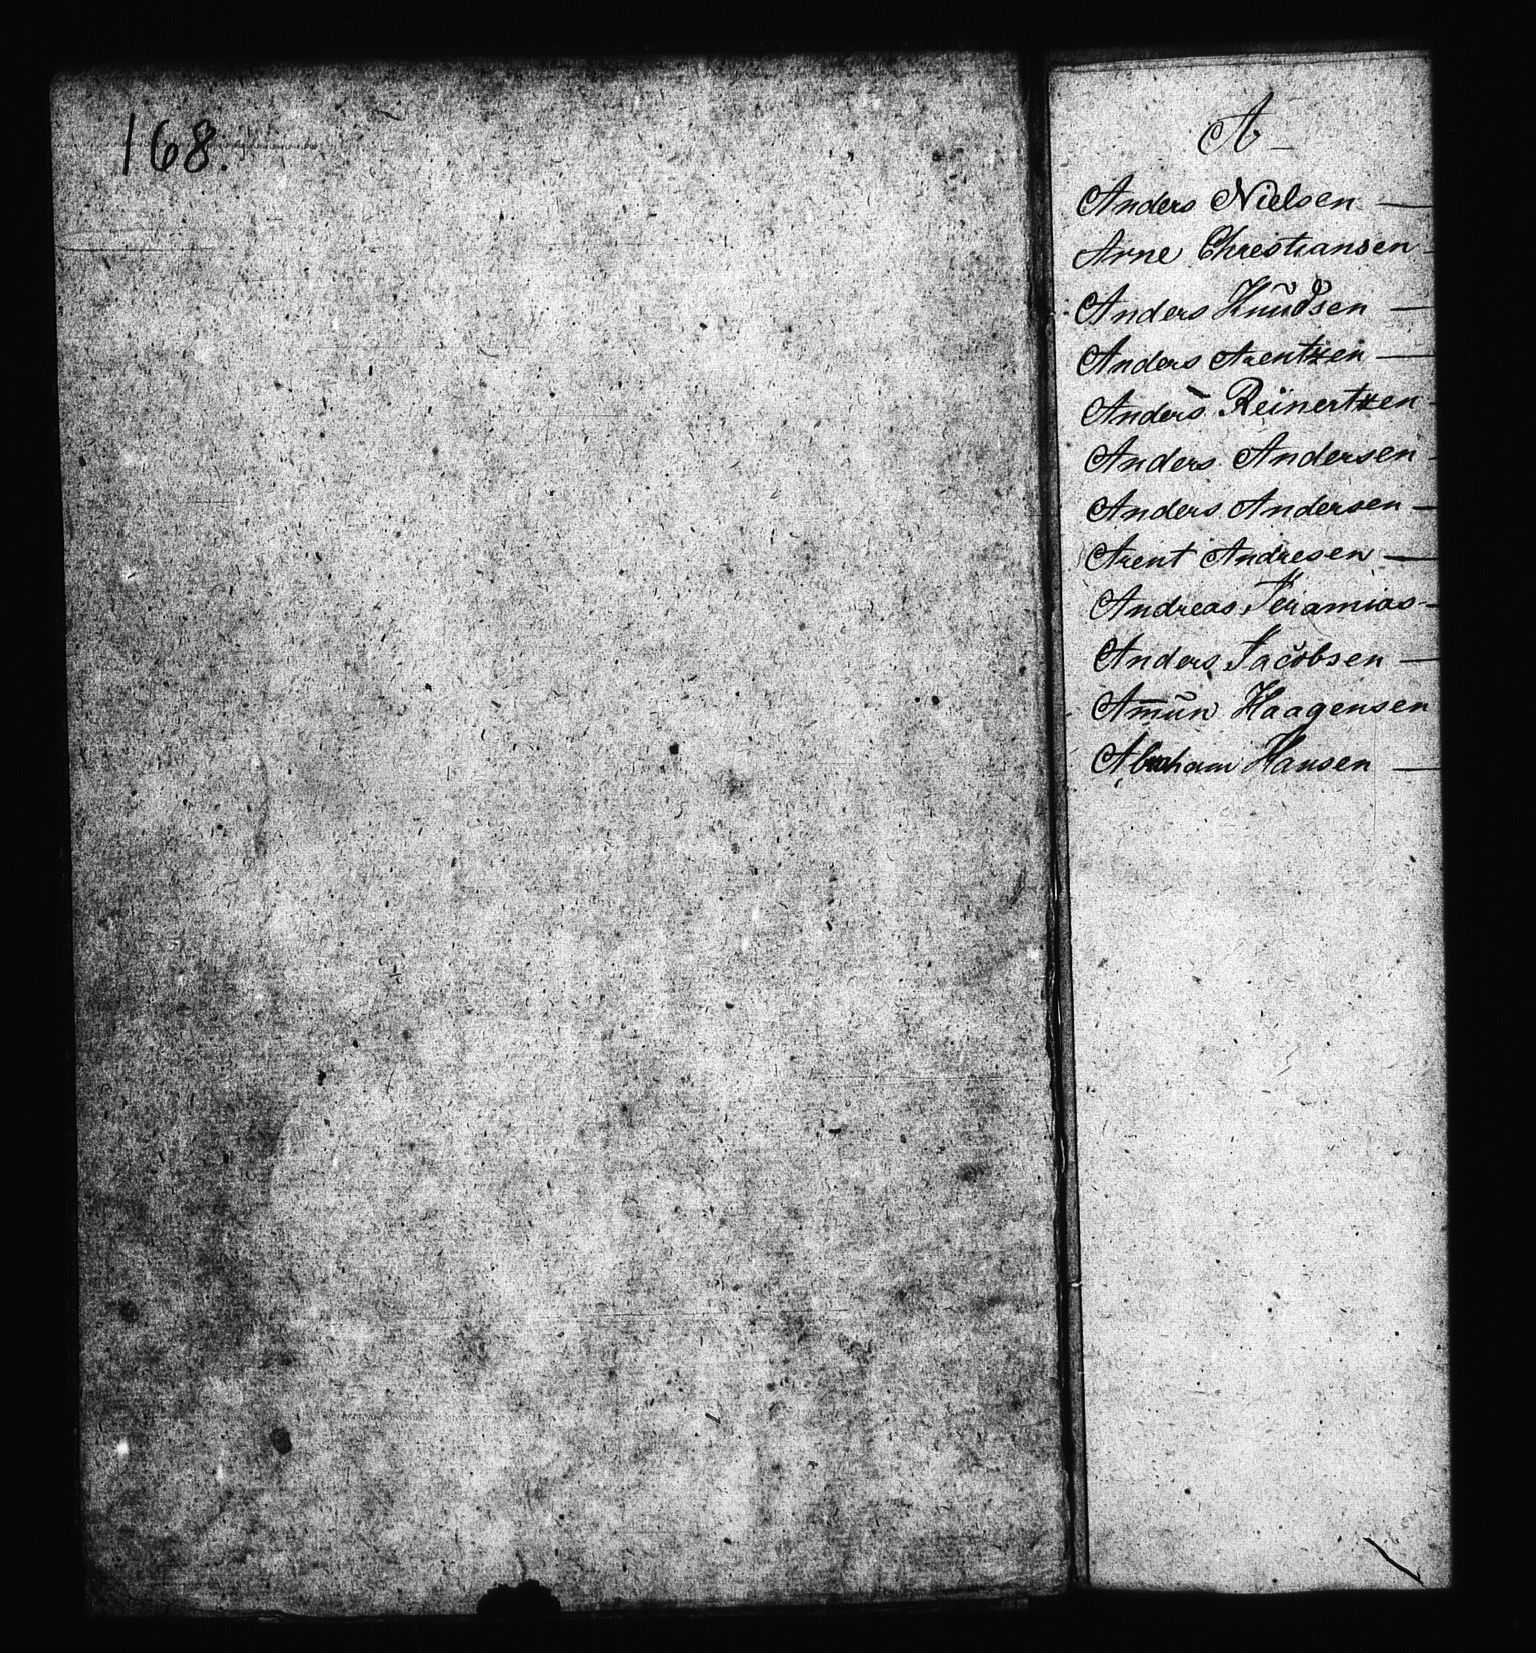 RA, Sjøetaten, F/L0169: Bragernes distrikt, bind 2, 1813